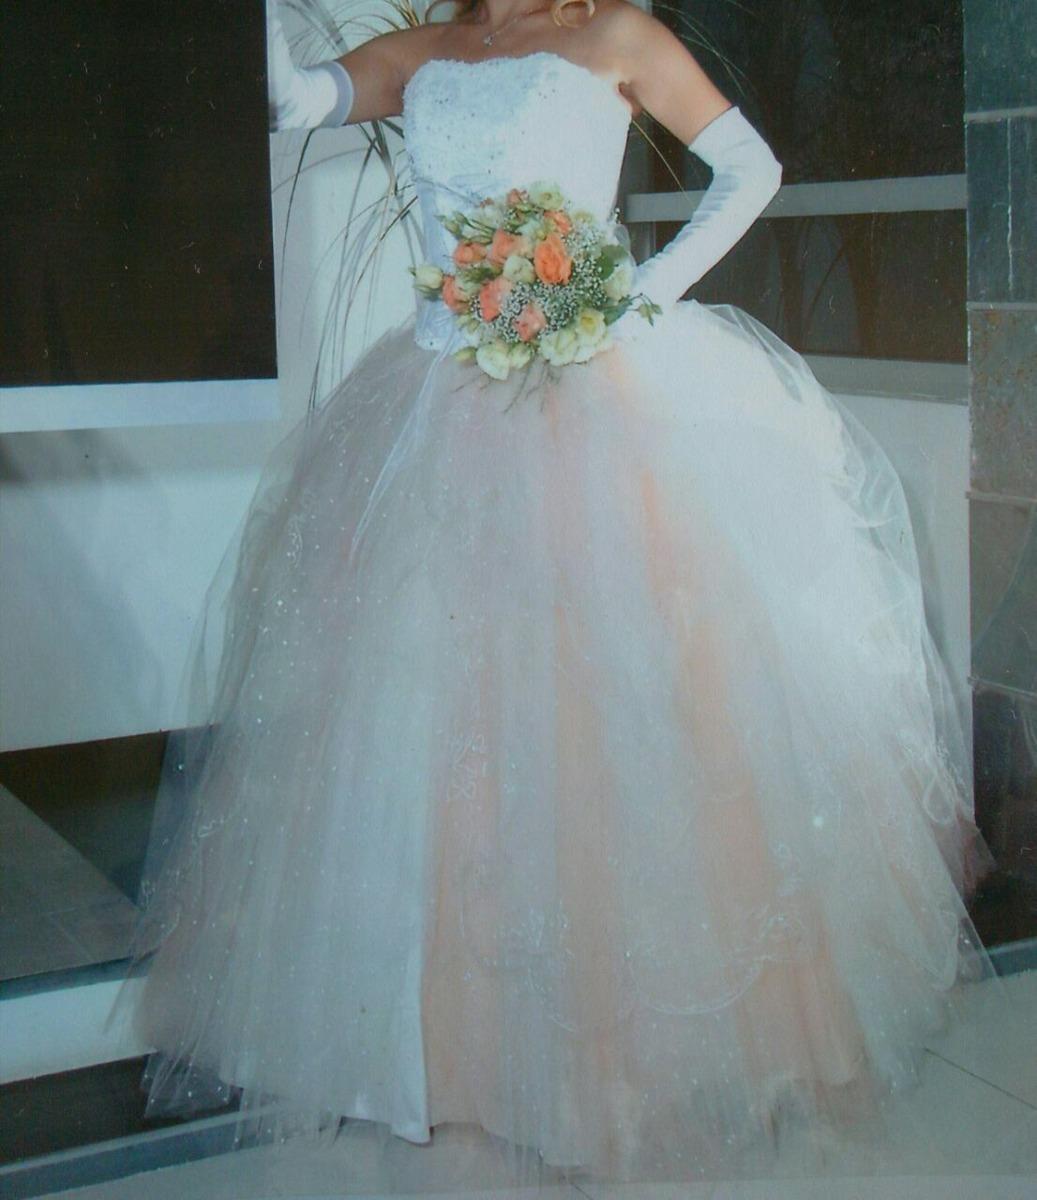 Old Fashioned Vestidos De Novia Mercado Libre Motif - All Wedding ...